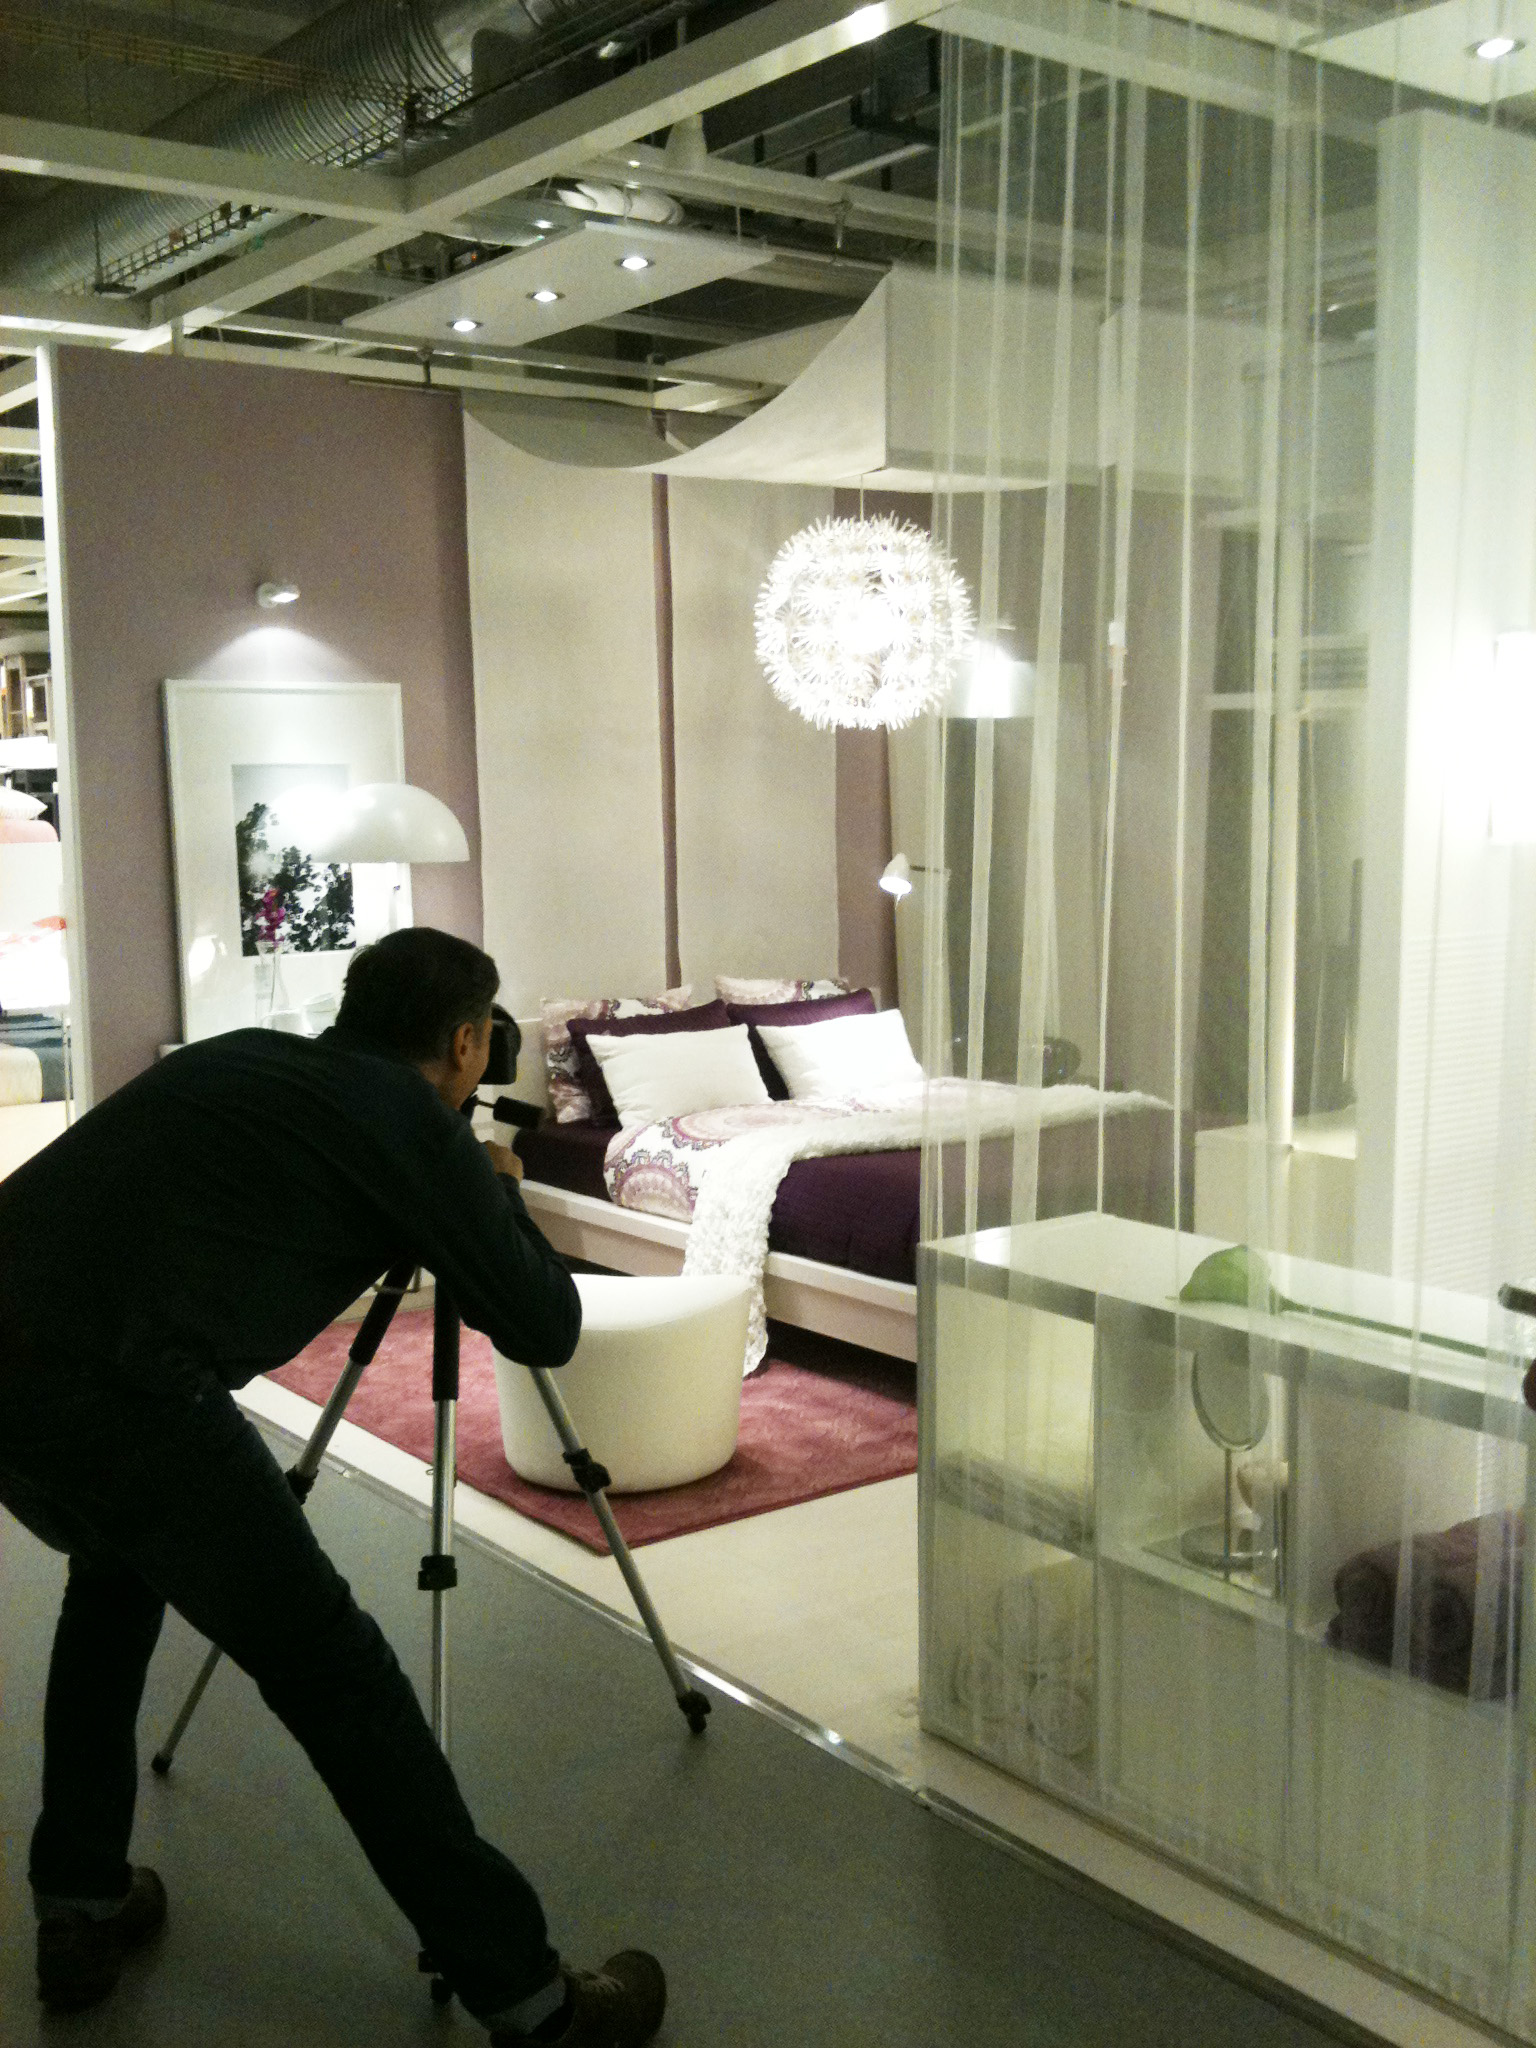 Dormitorios de ikea nataliagustafsonblog - Dormitorios de ikea ...